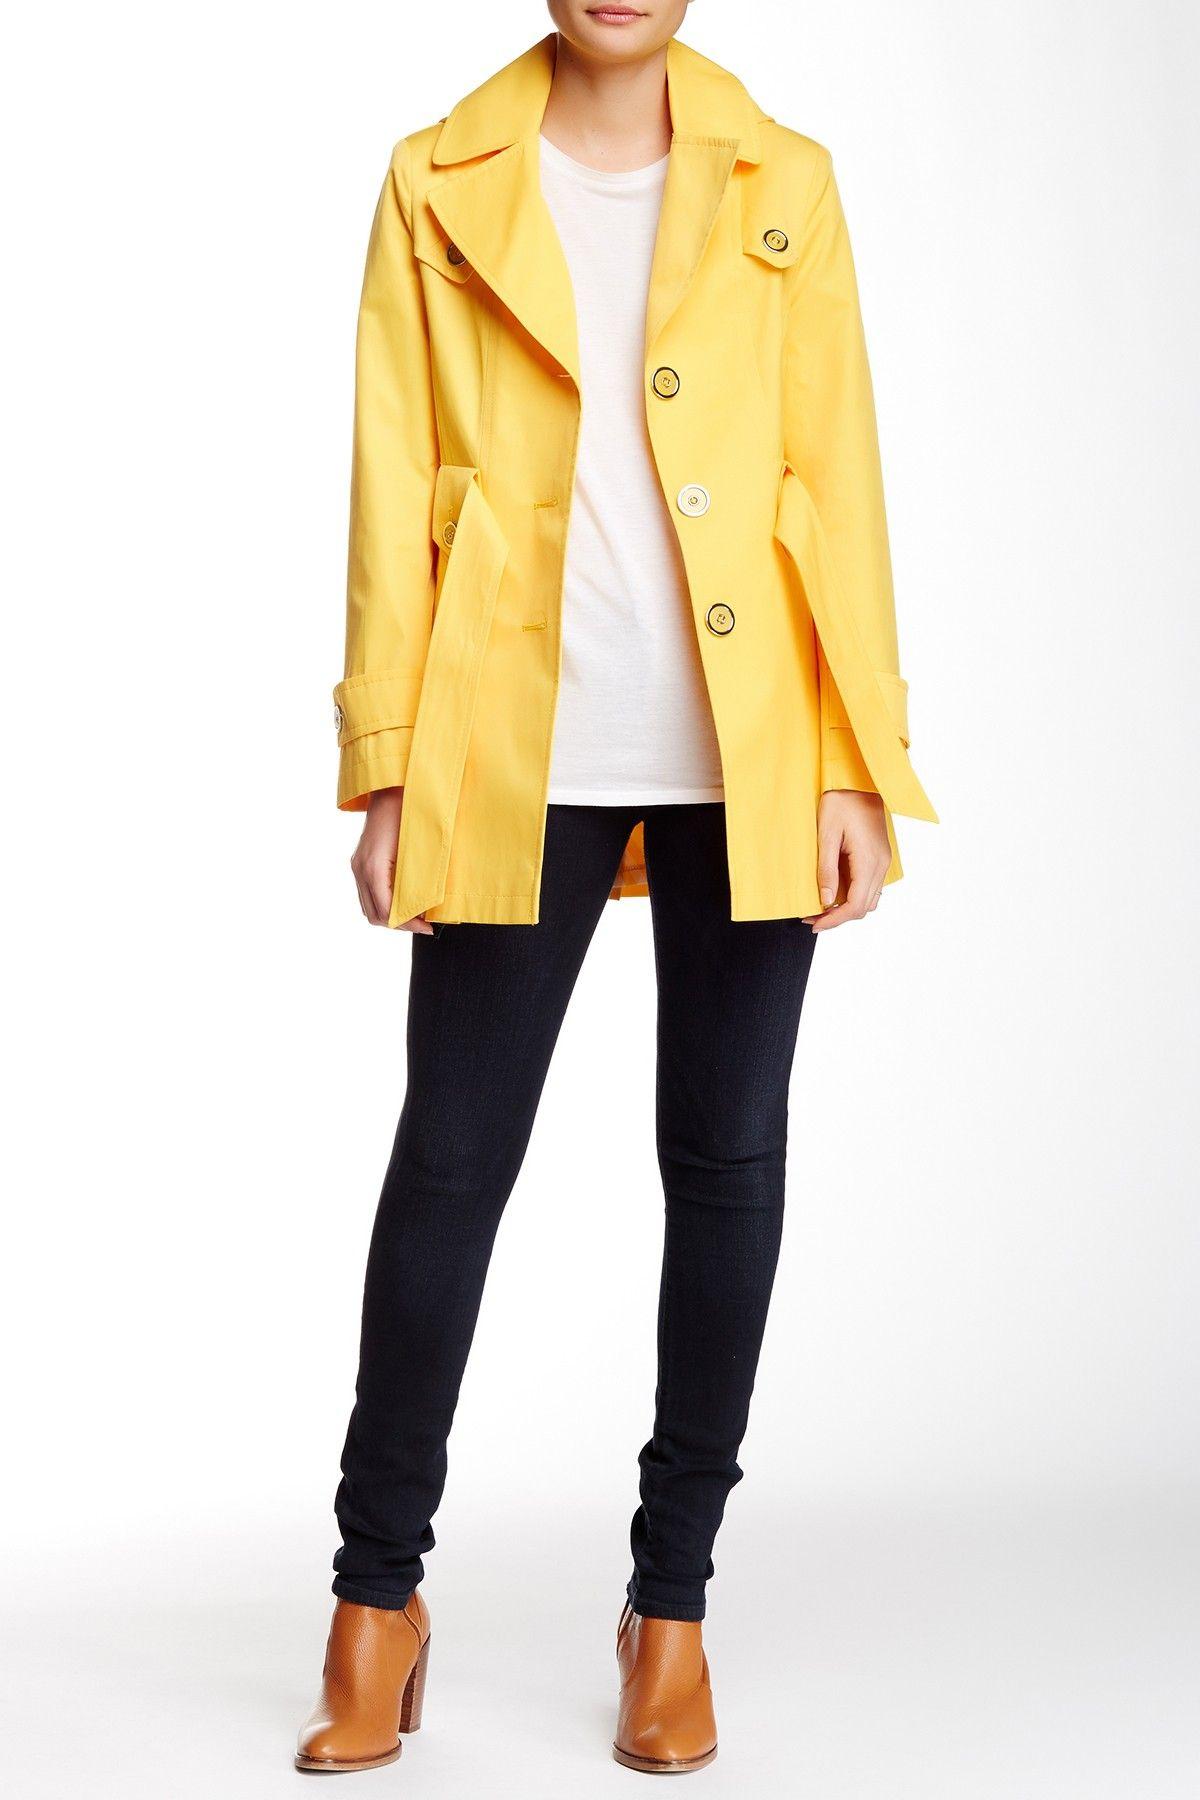 Via Spiga Hooded Scarpa Jacket (Petite Jackets